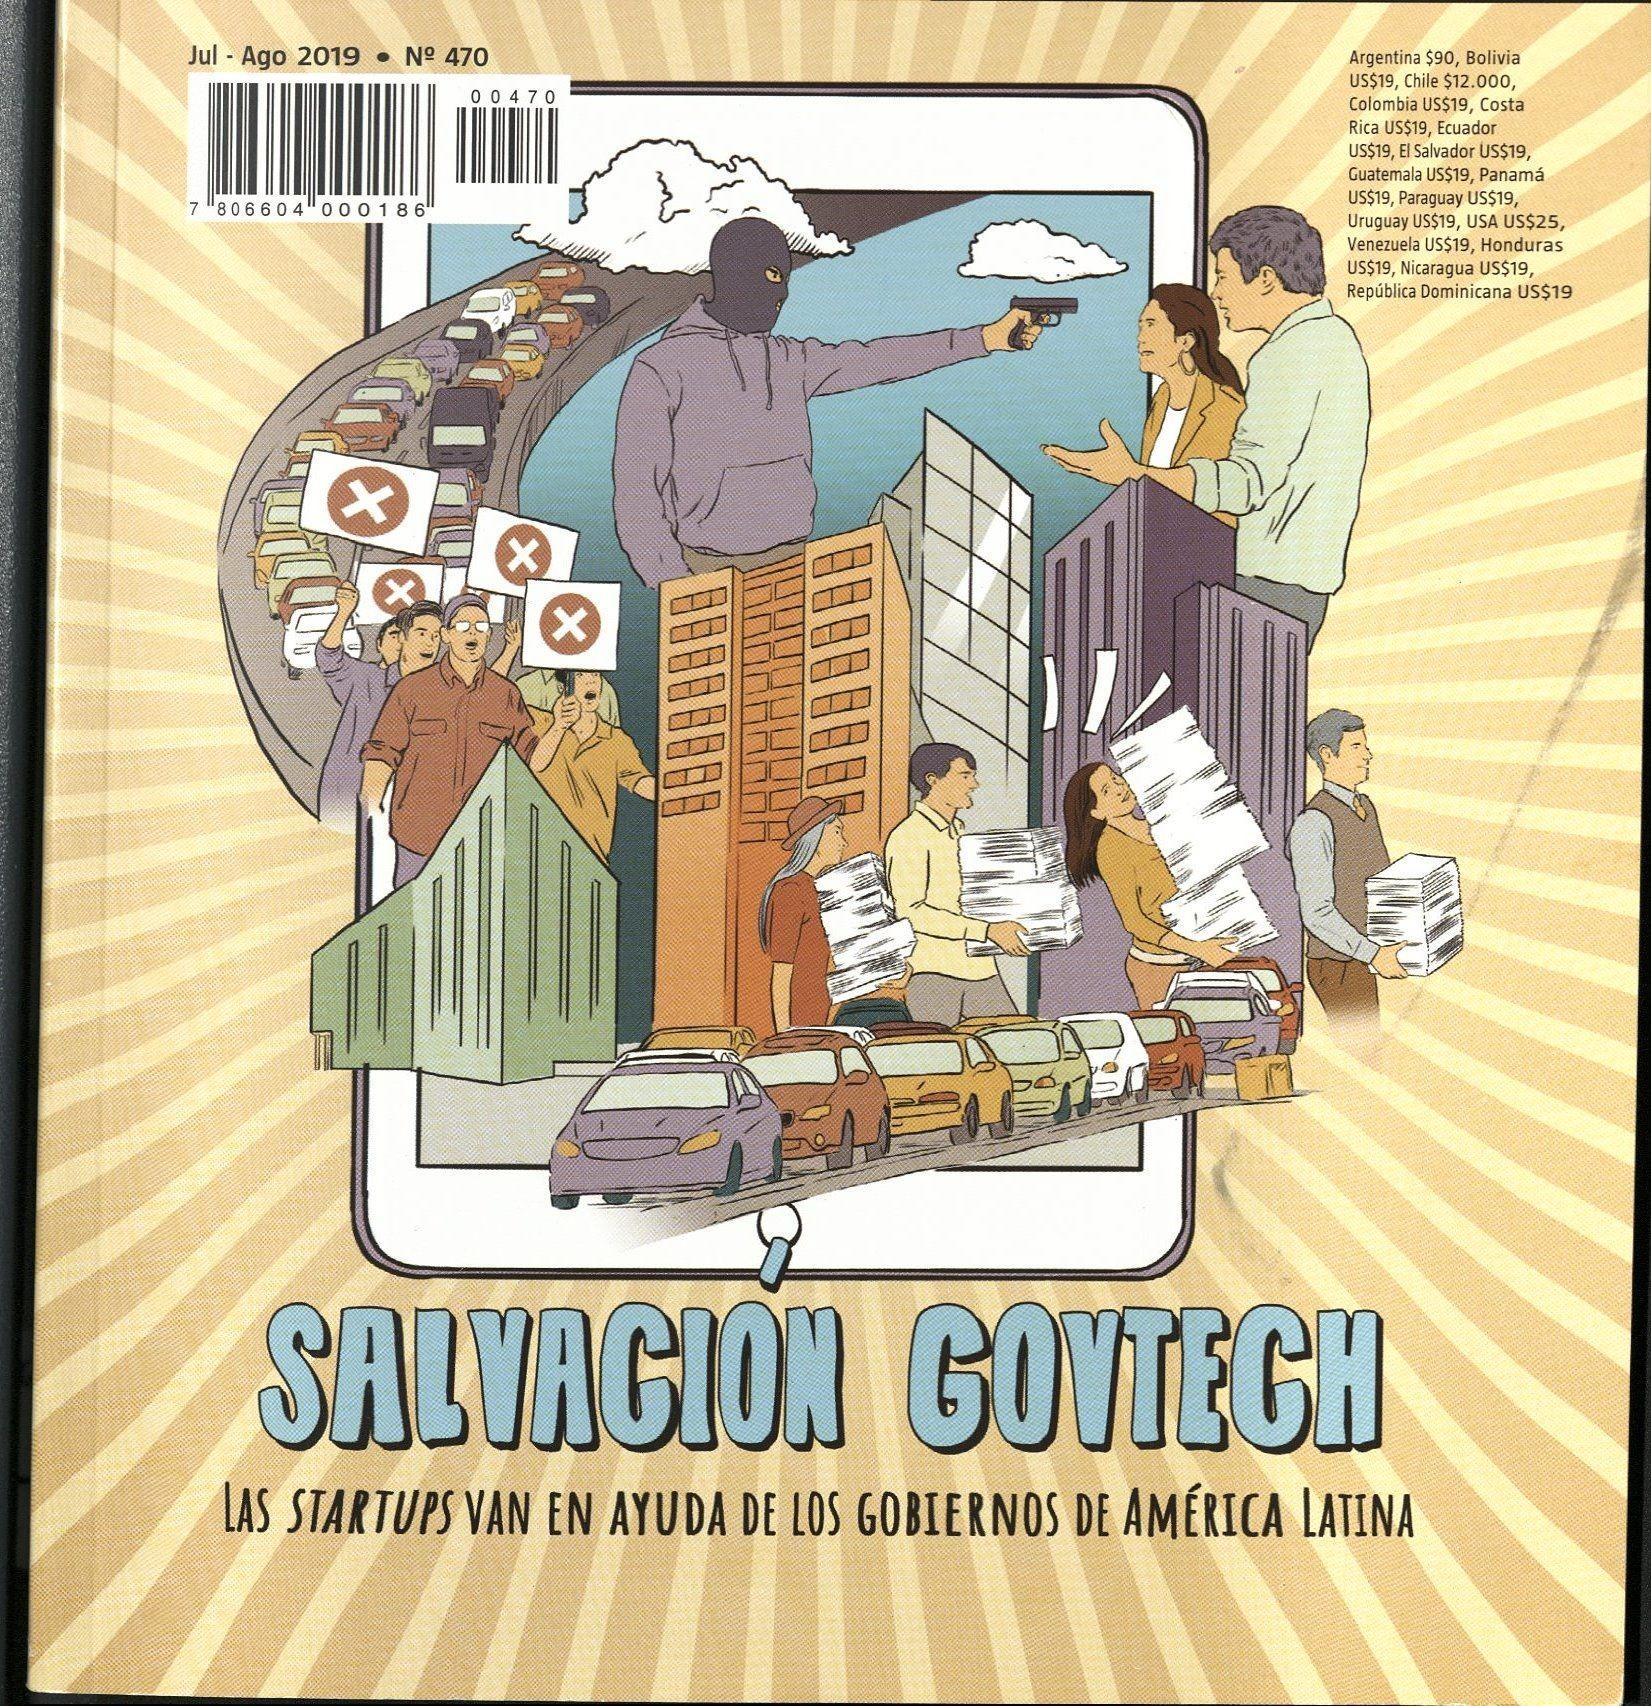 Calendario 2020 Con Feriados Bolivia Actual De Desarrollo De Of Calendario 2020 Con Feriados Bolivia Más Actual Calaméo Deia